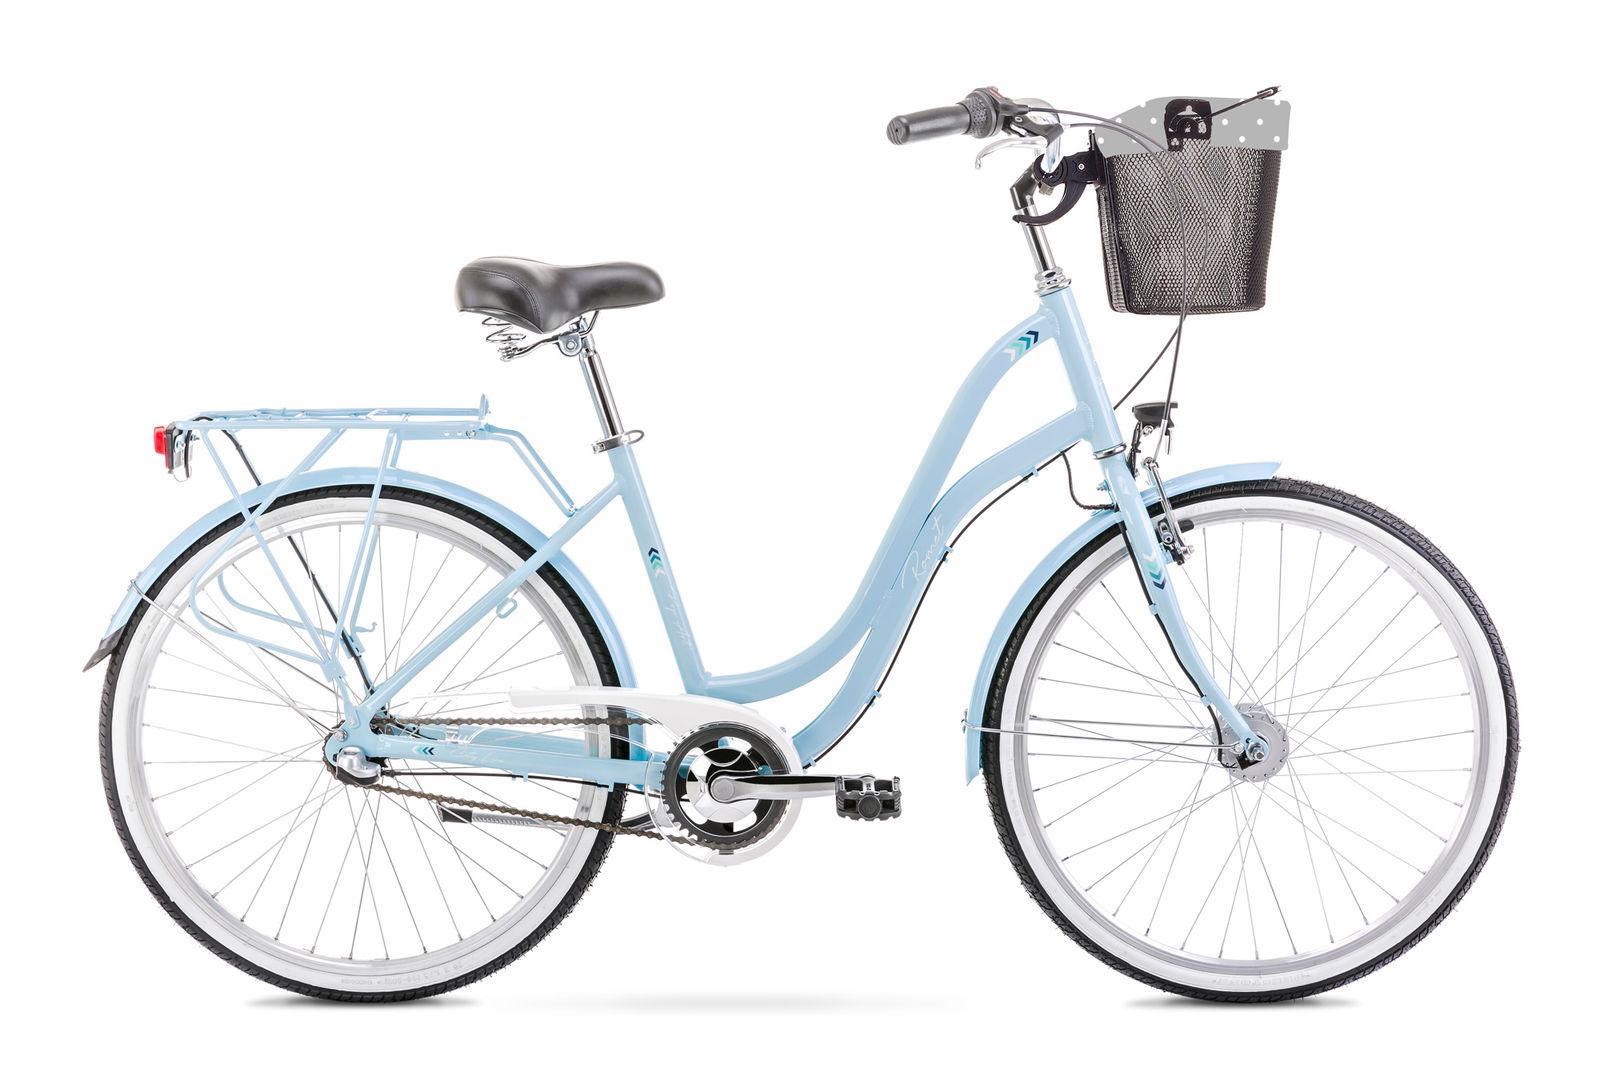 Bicicleta de oras pentru femei Romet Pop Art 26 Albastru 2021 imagine